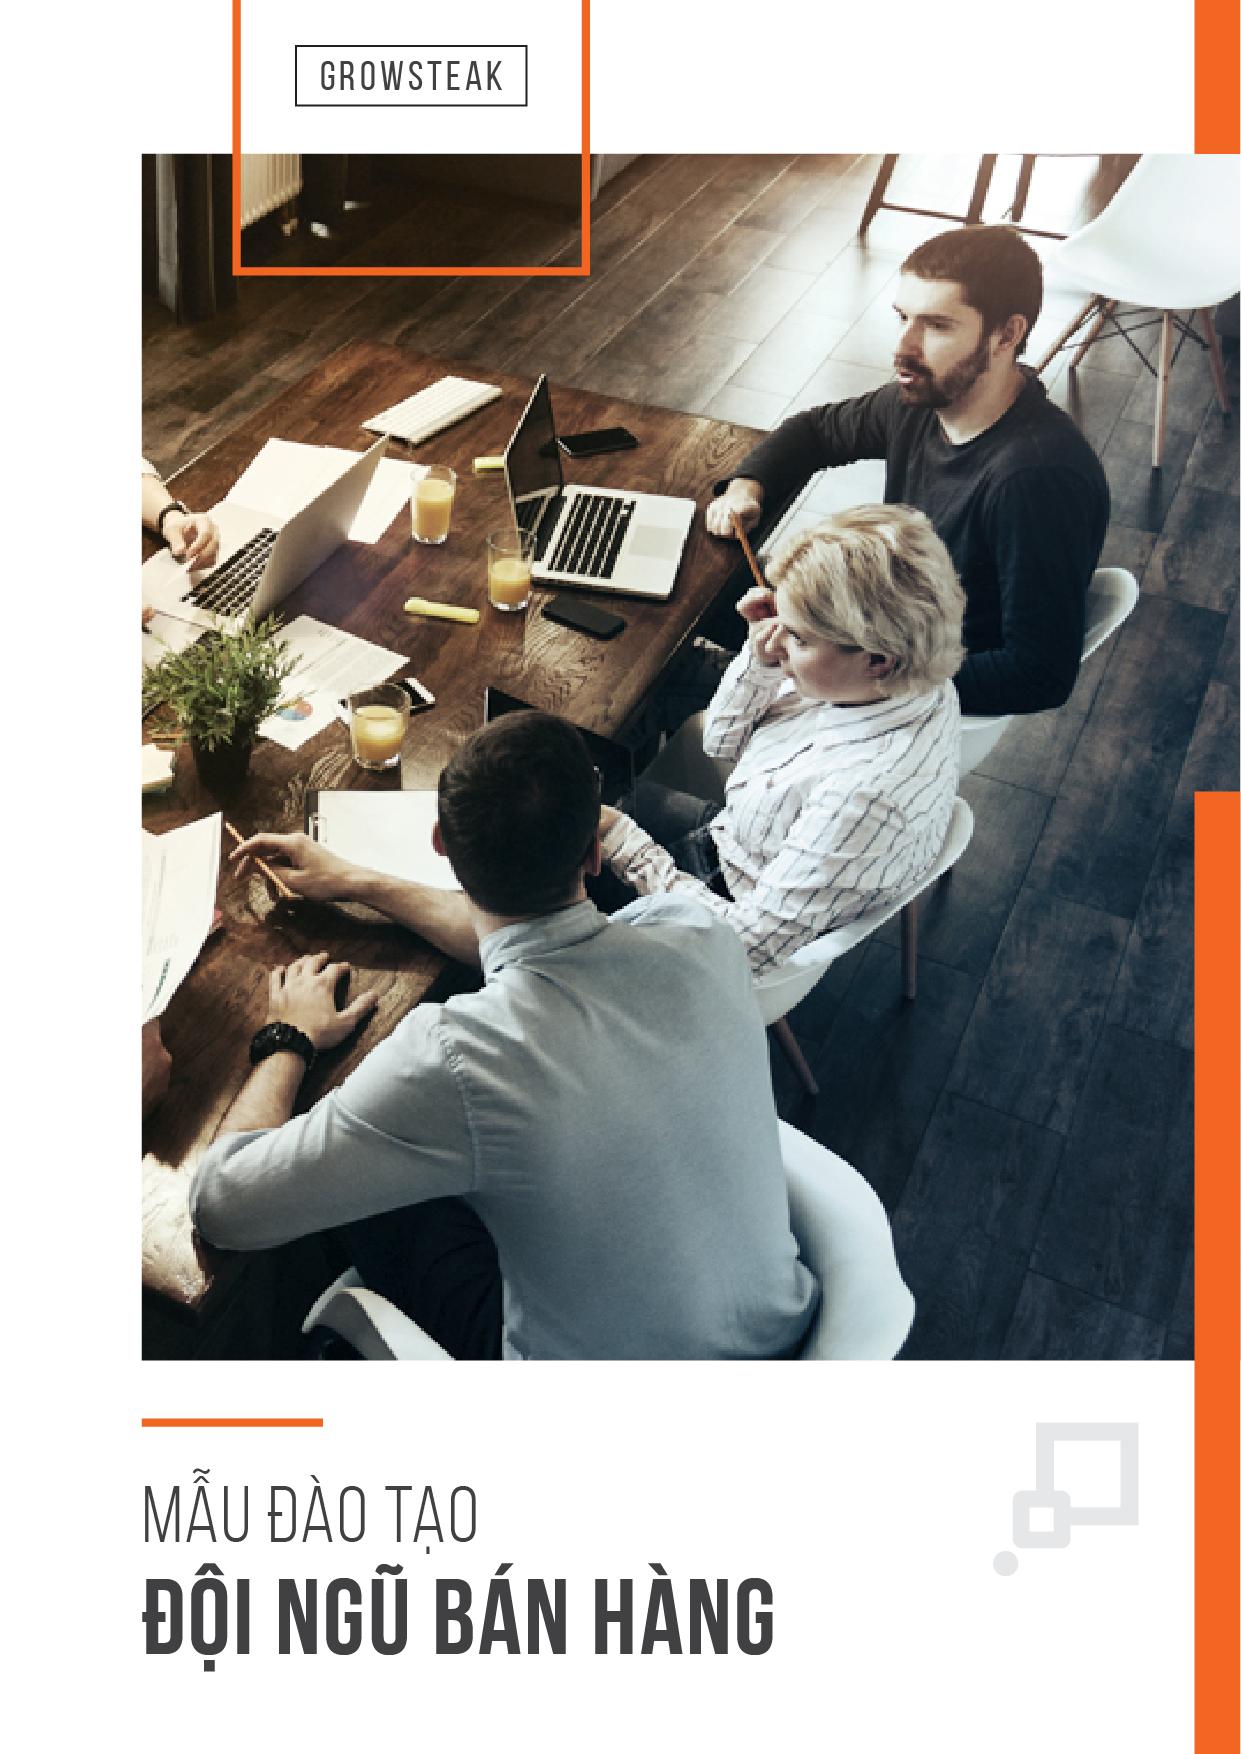 [COVER] Mẫu đào tạo đội ngũ bán hàng